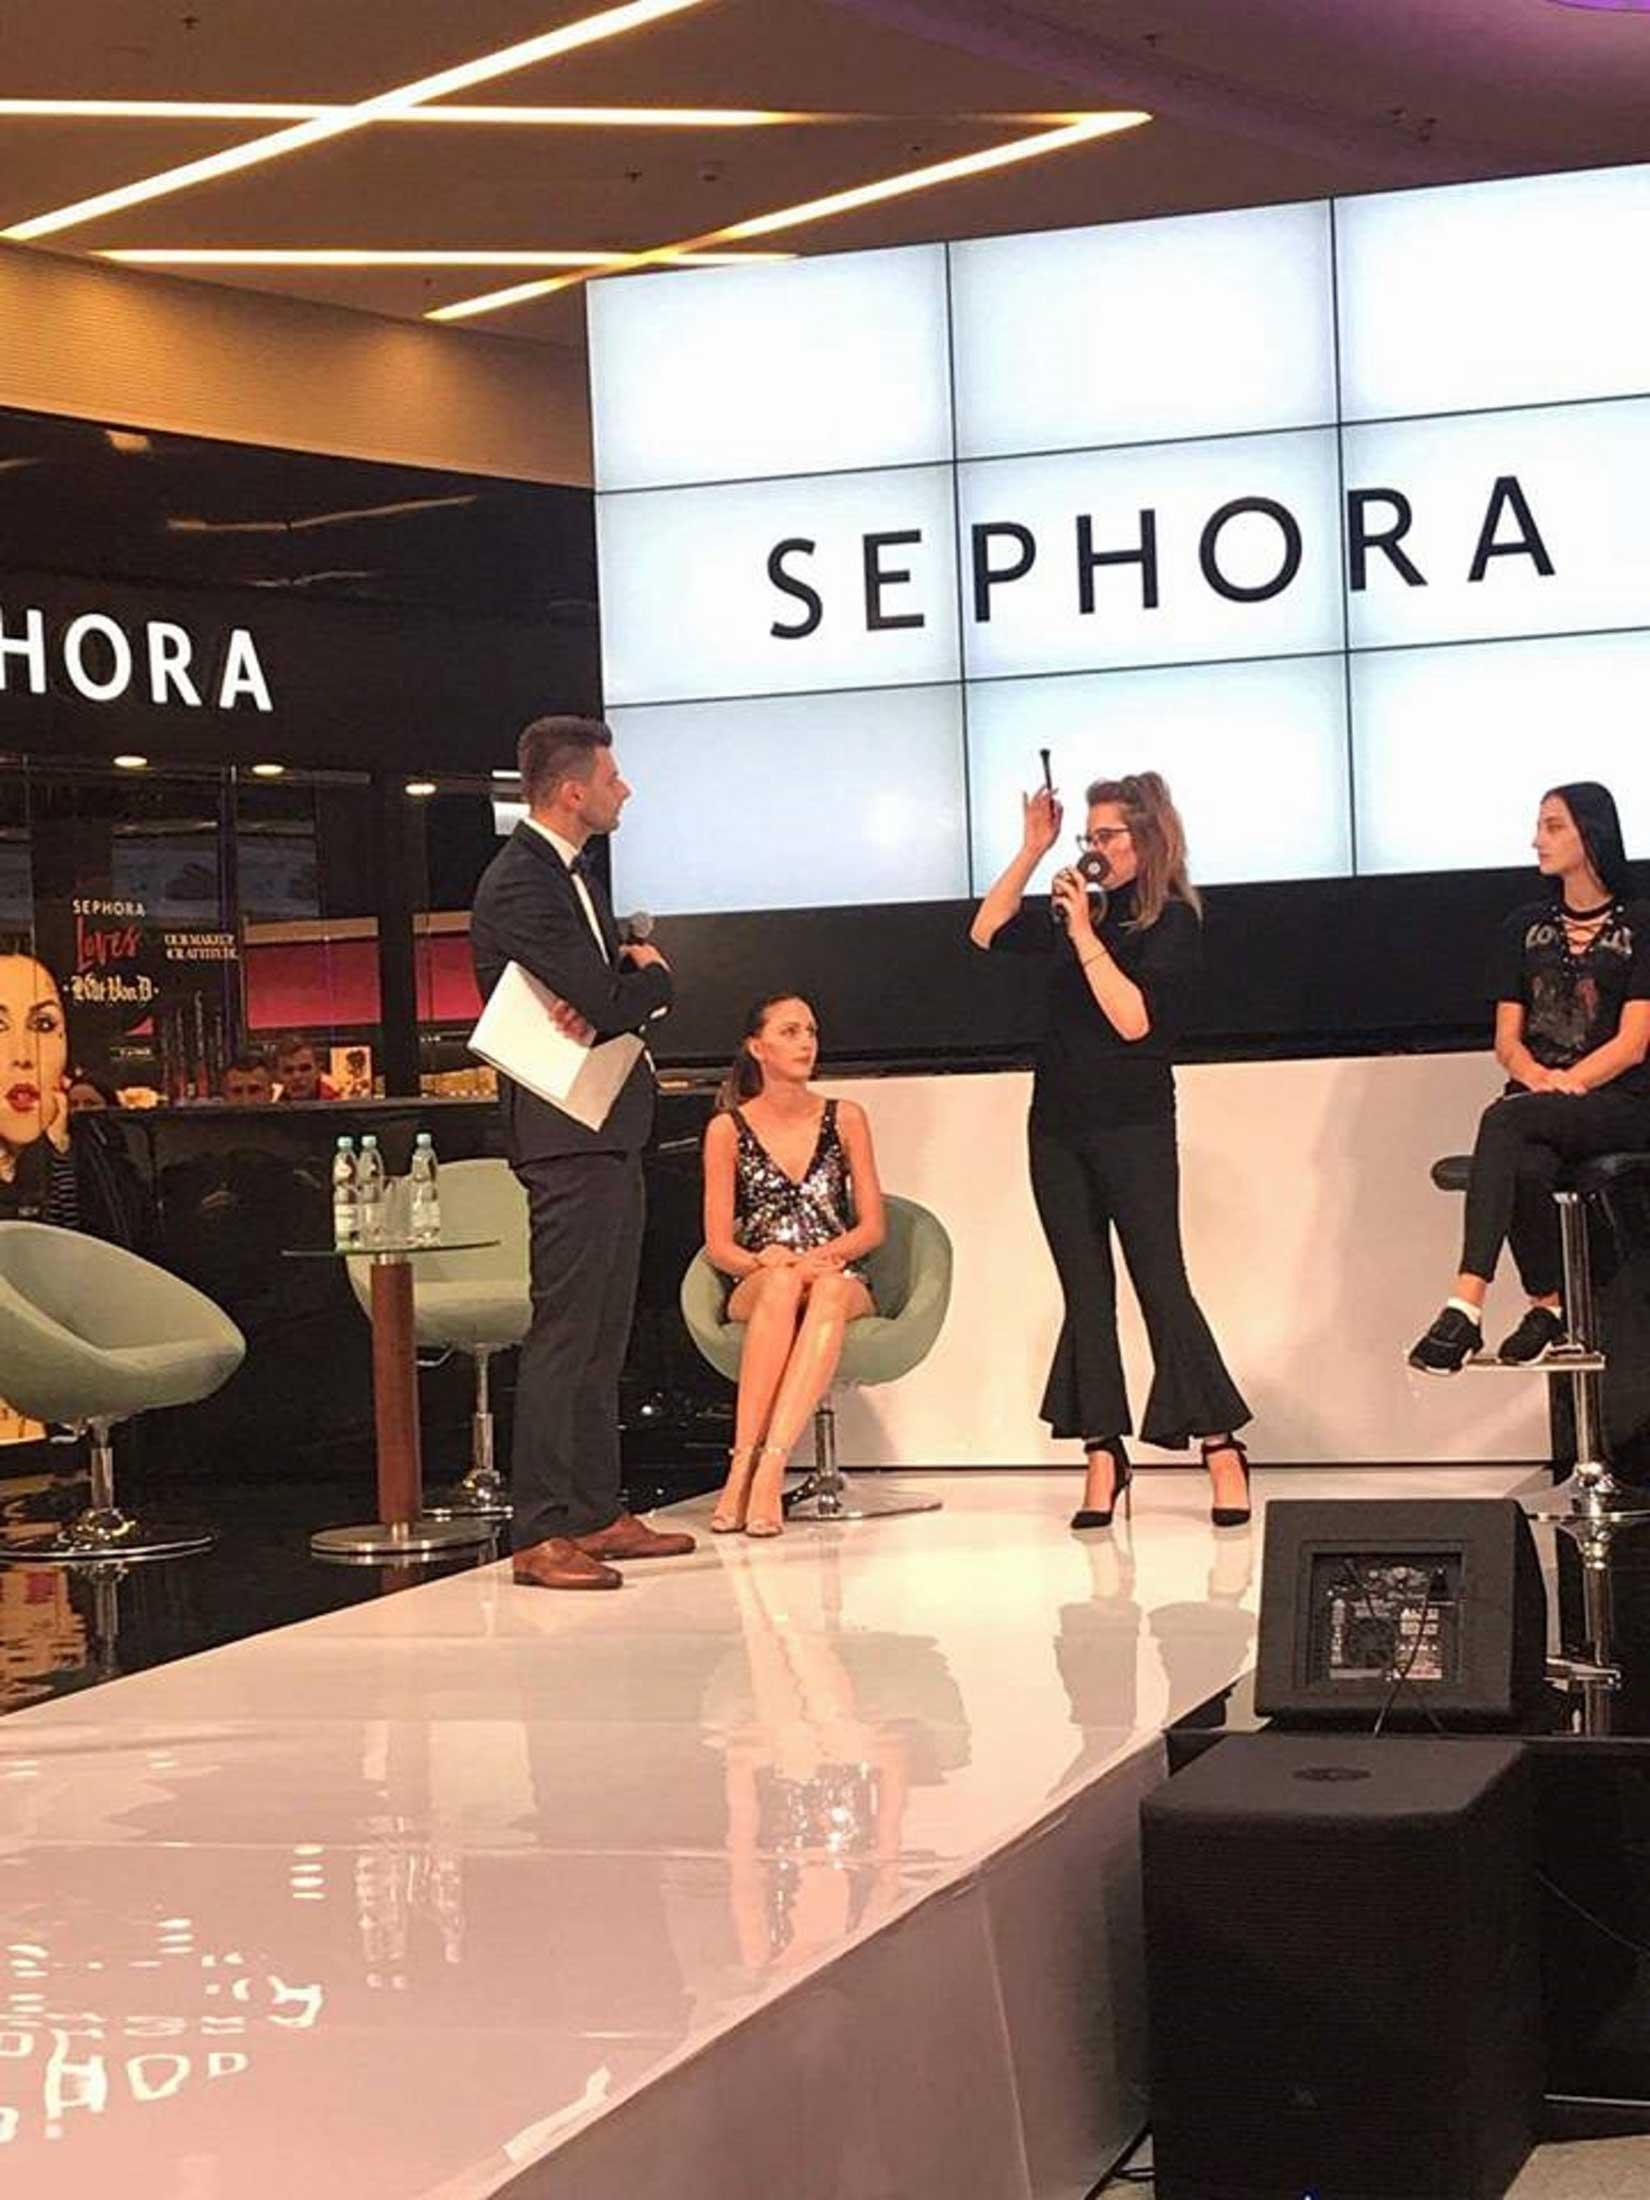 Pokaż makijażu na scenie podczas dni centrum handlowego Milenium Hall w Rzeszowie dla Sephora Polska